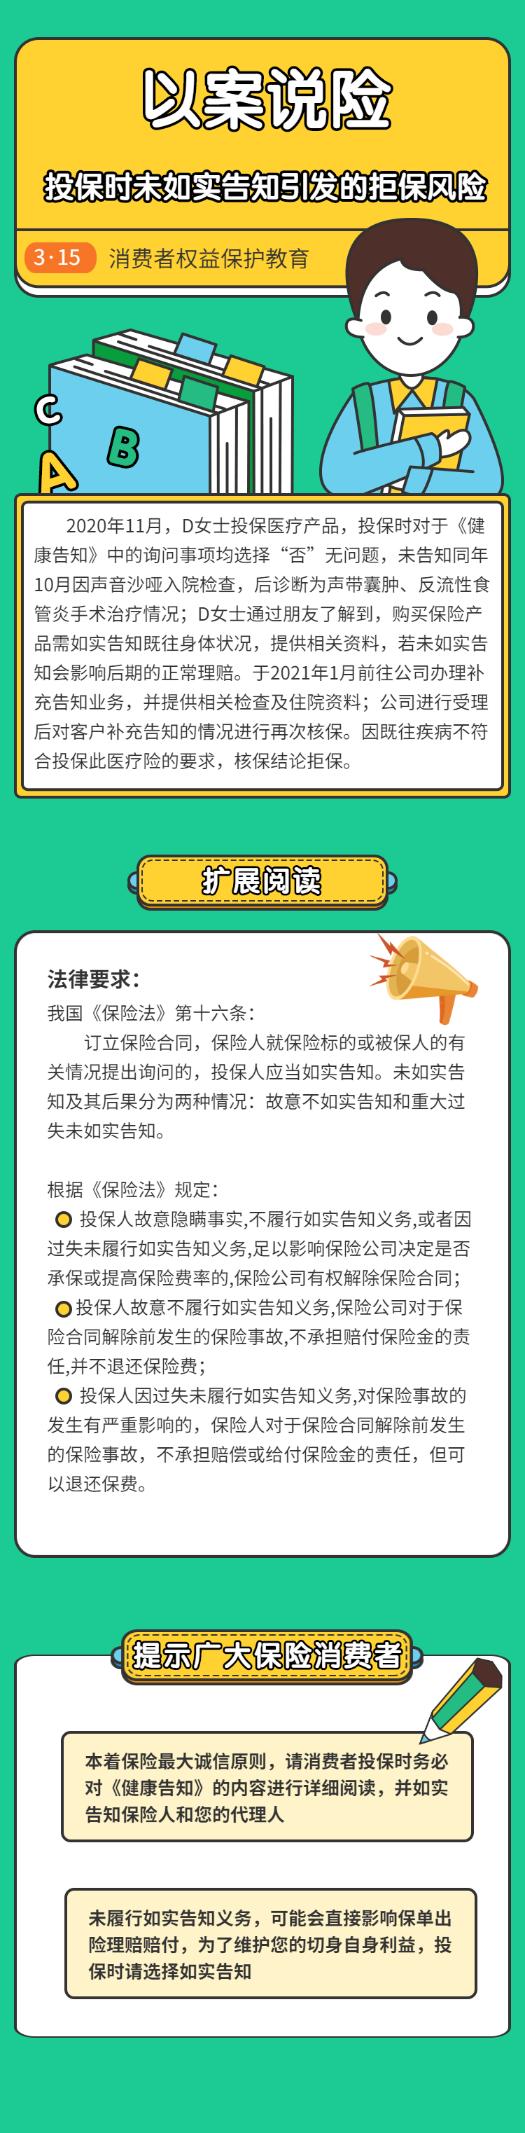 太平人寿北京分公司:以案说险 投保时未如实告知引发的拒保风险